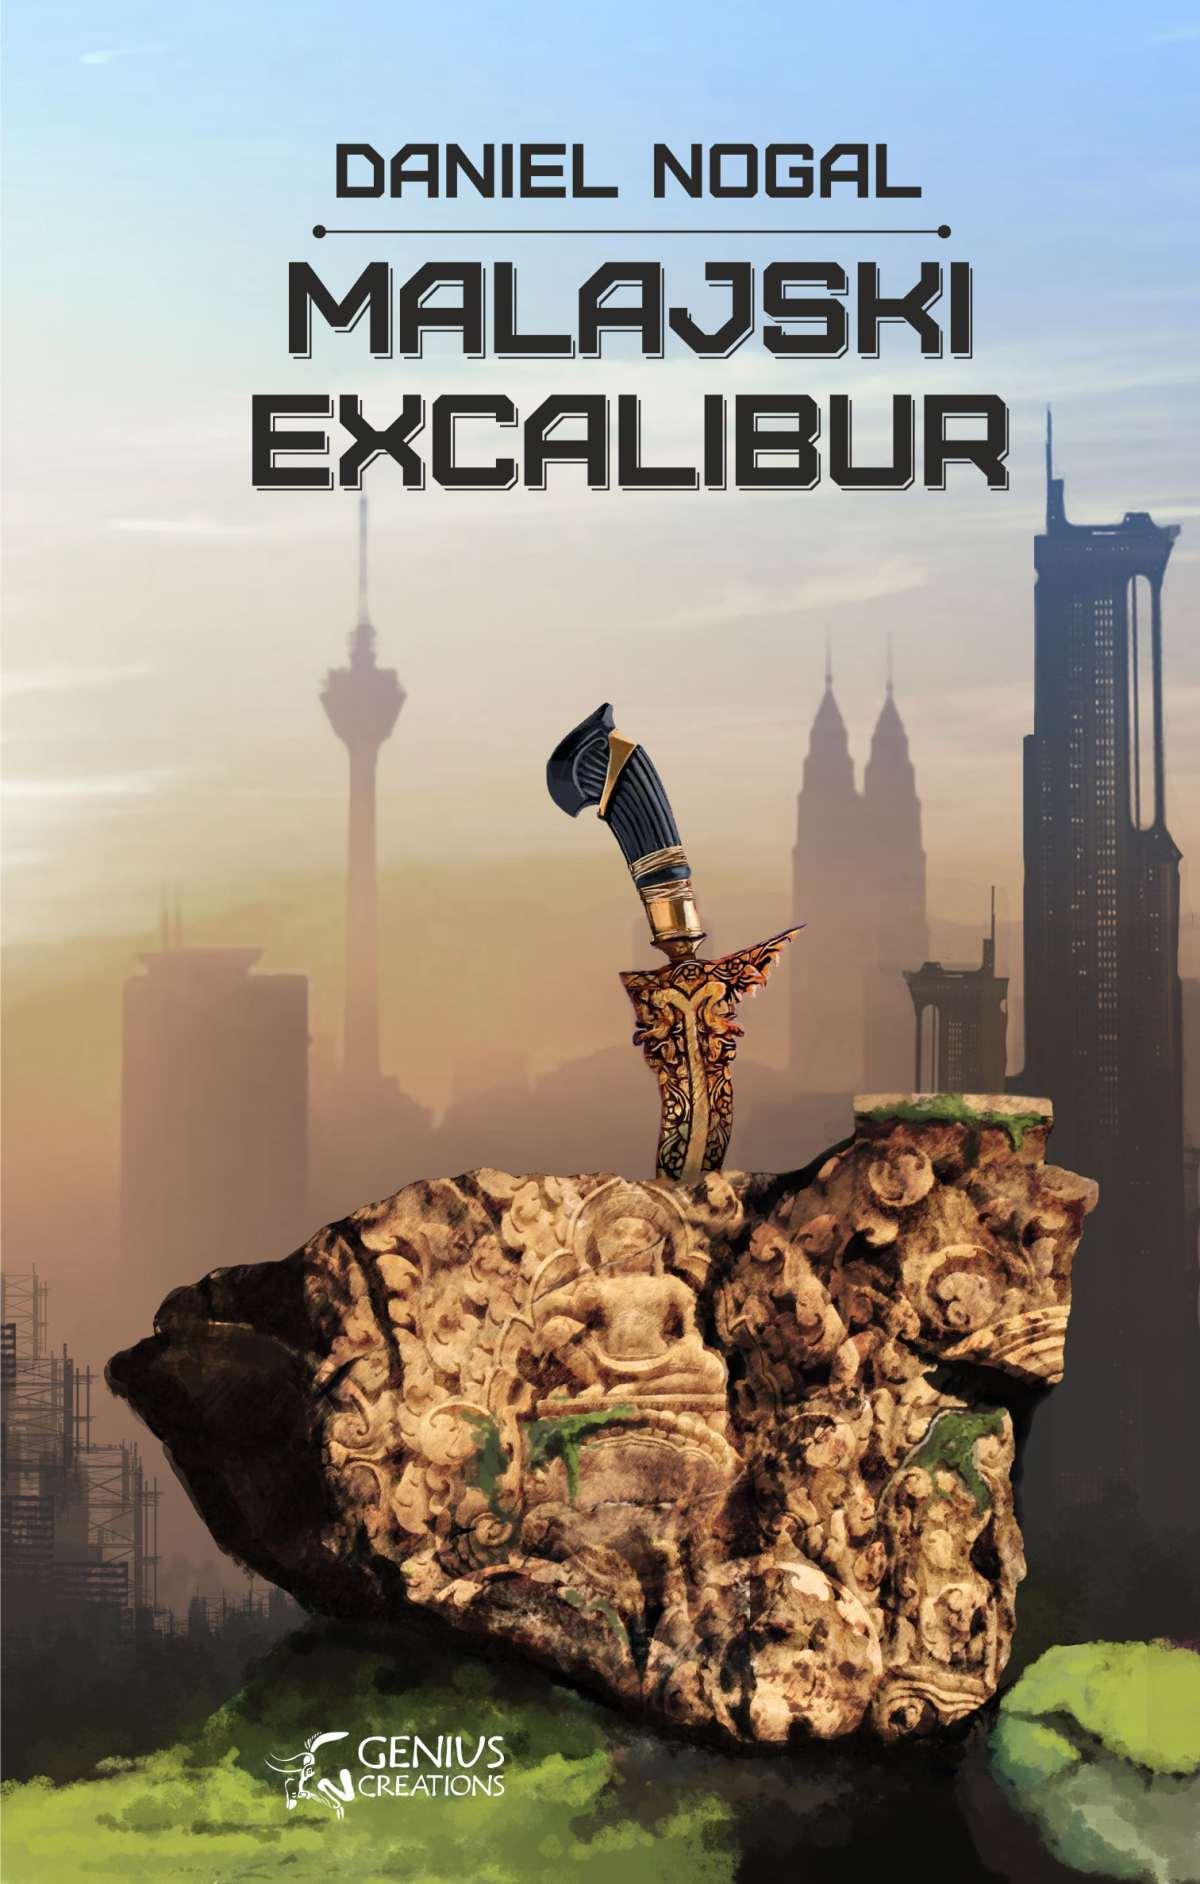 Malajski Excalibur - Ebook (Książka EPUB) do pobrania w formacie EPUB